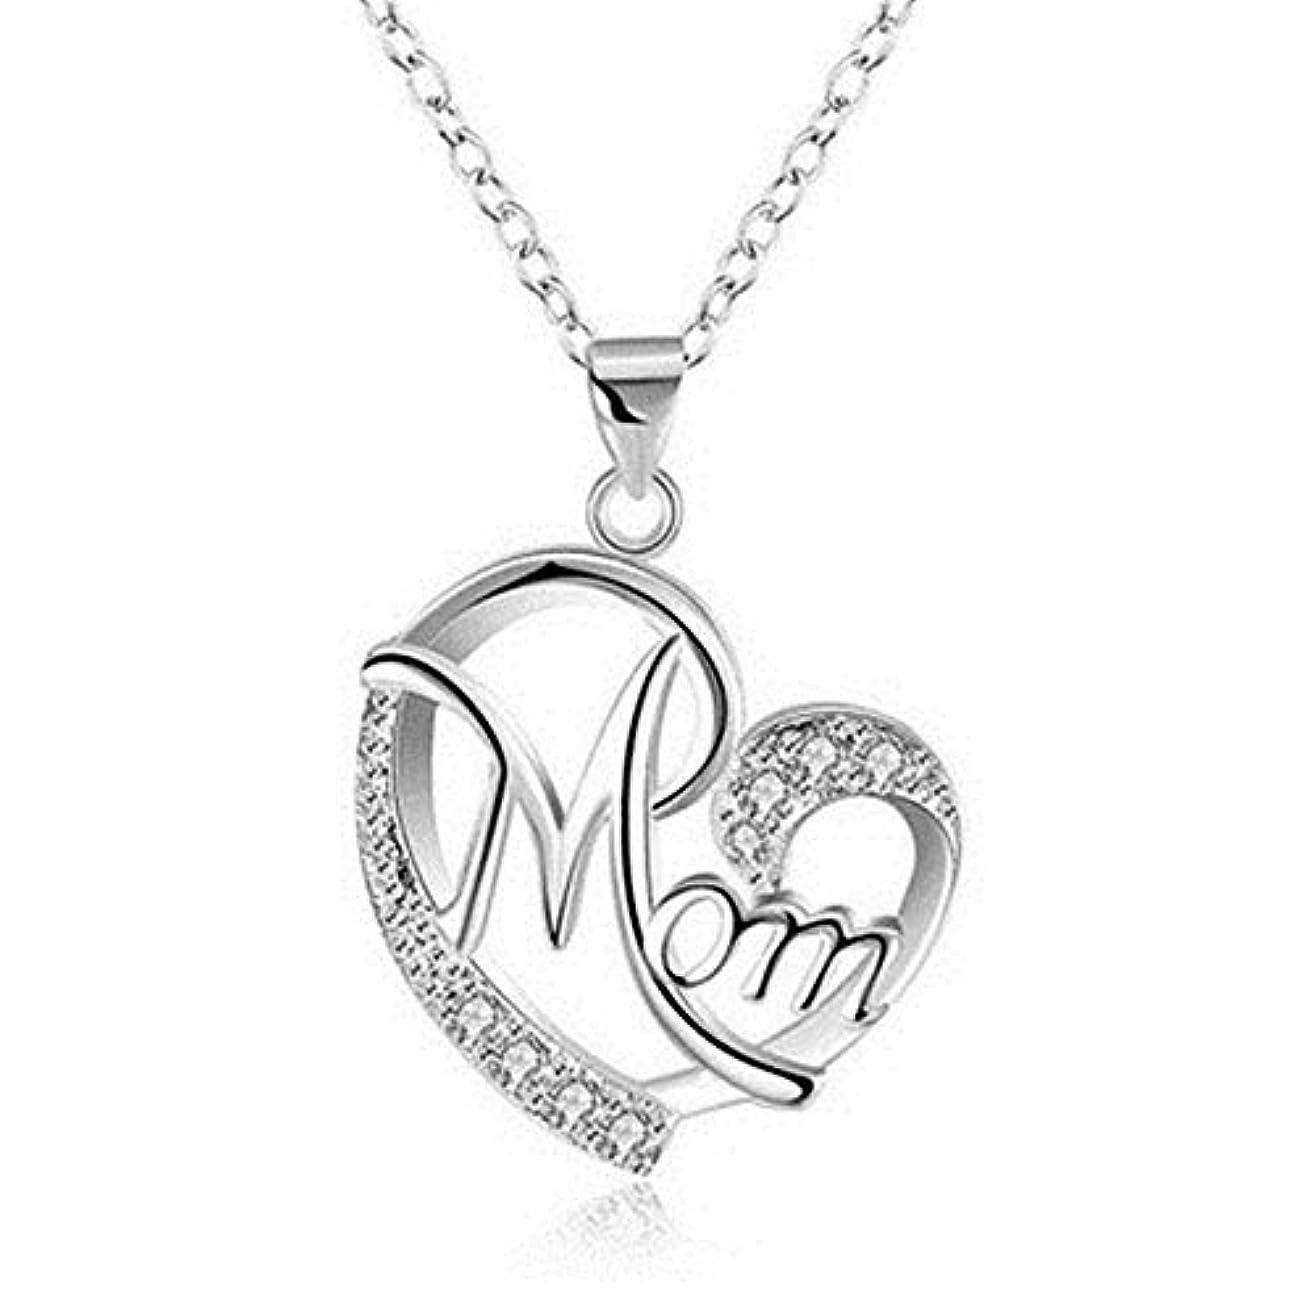 ちょっと待ってけん引健康的私はあなたを愛してお母さんお母さんの日ネックレスギフト模擬ダイヤモンド愛ハートネックレス手紙